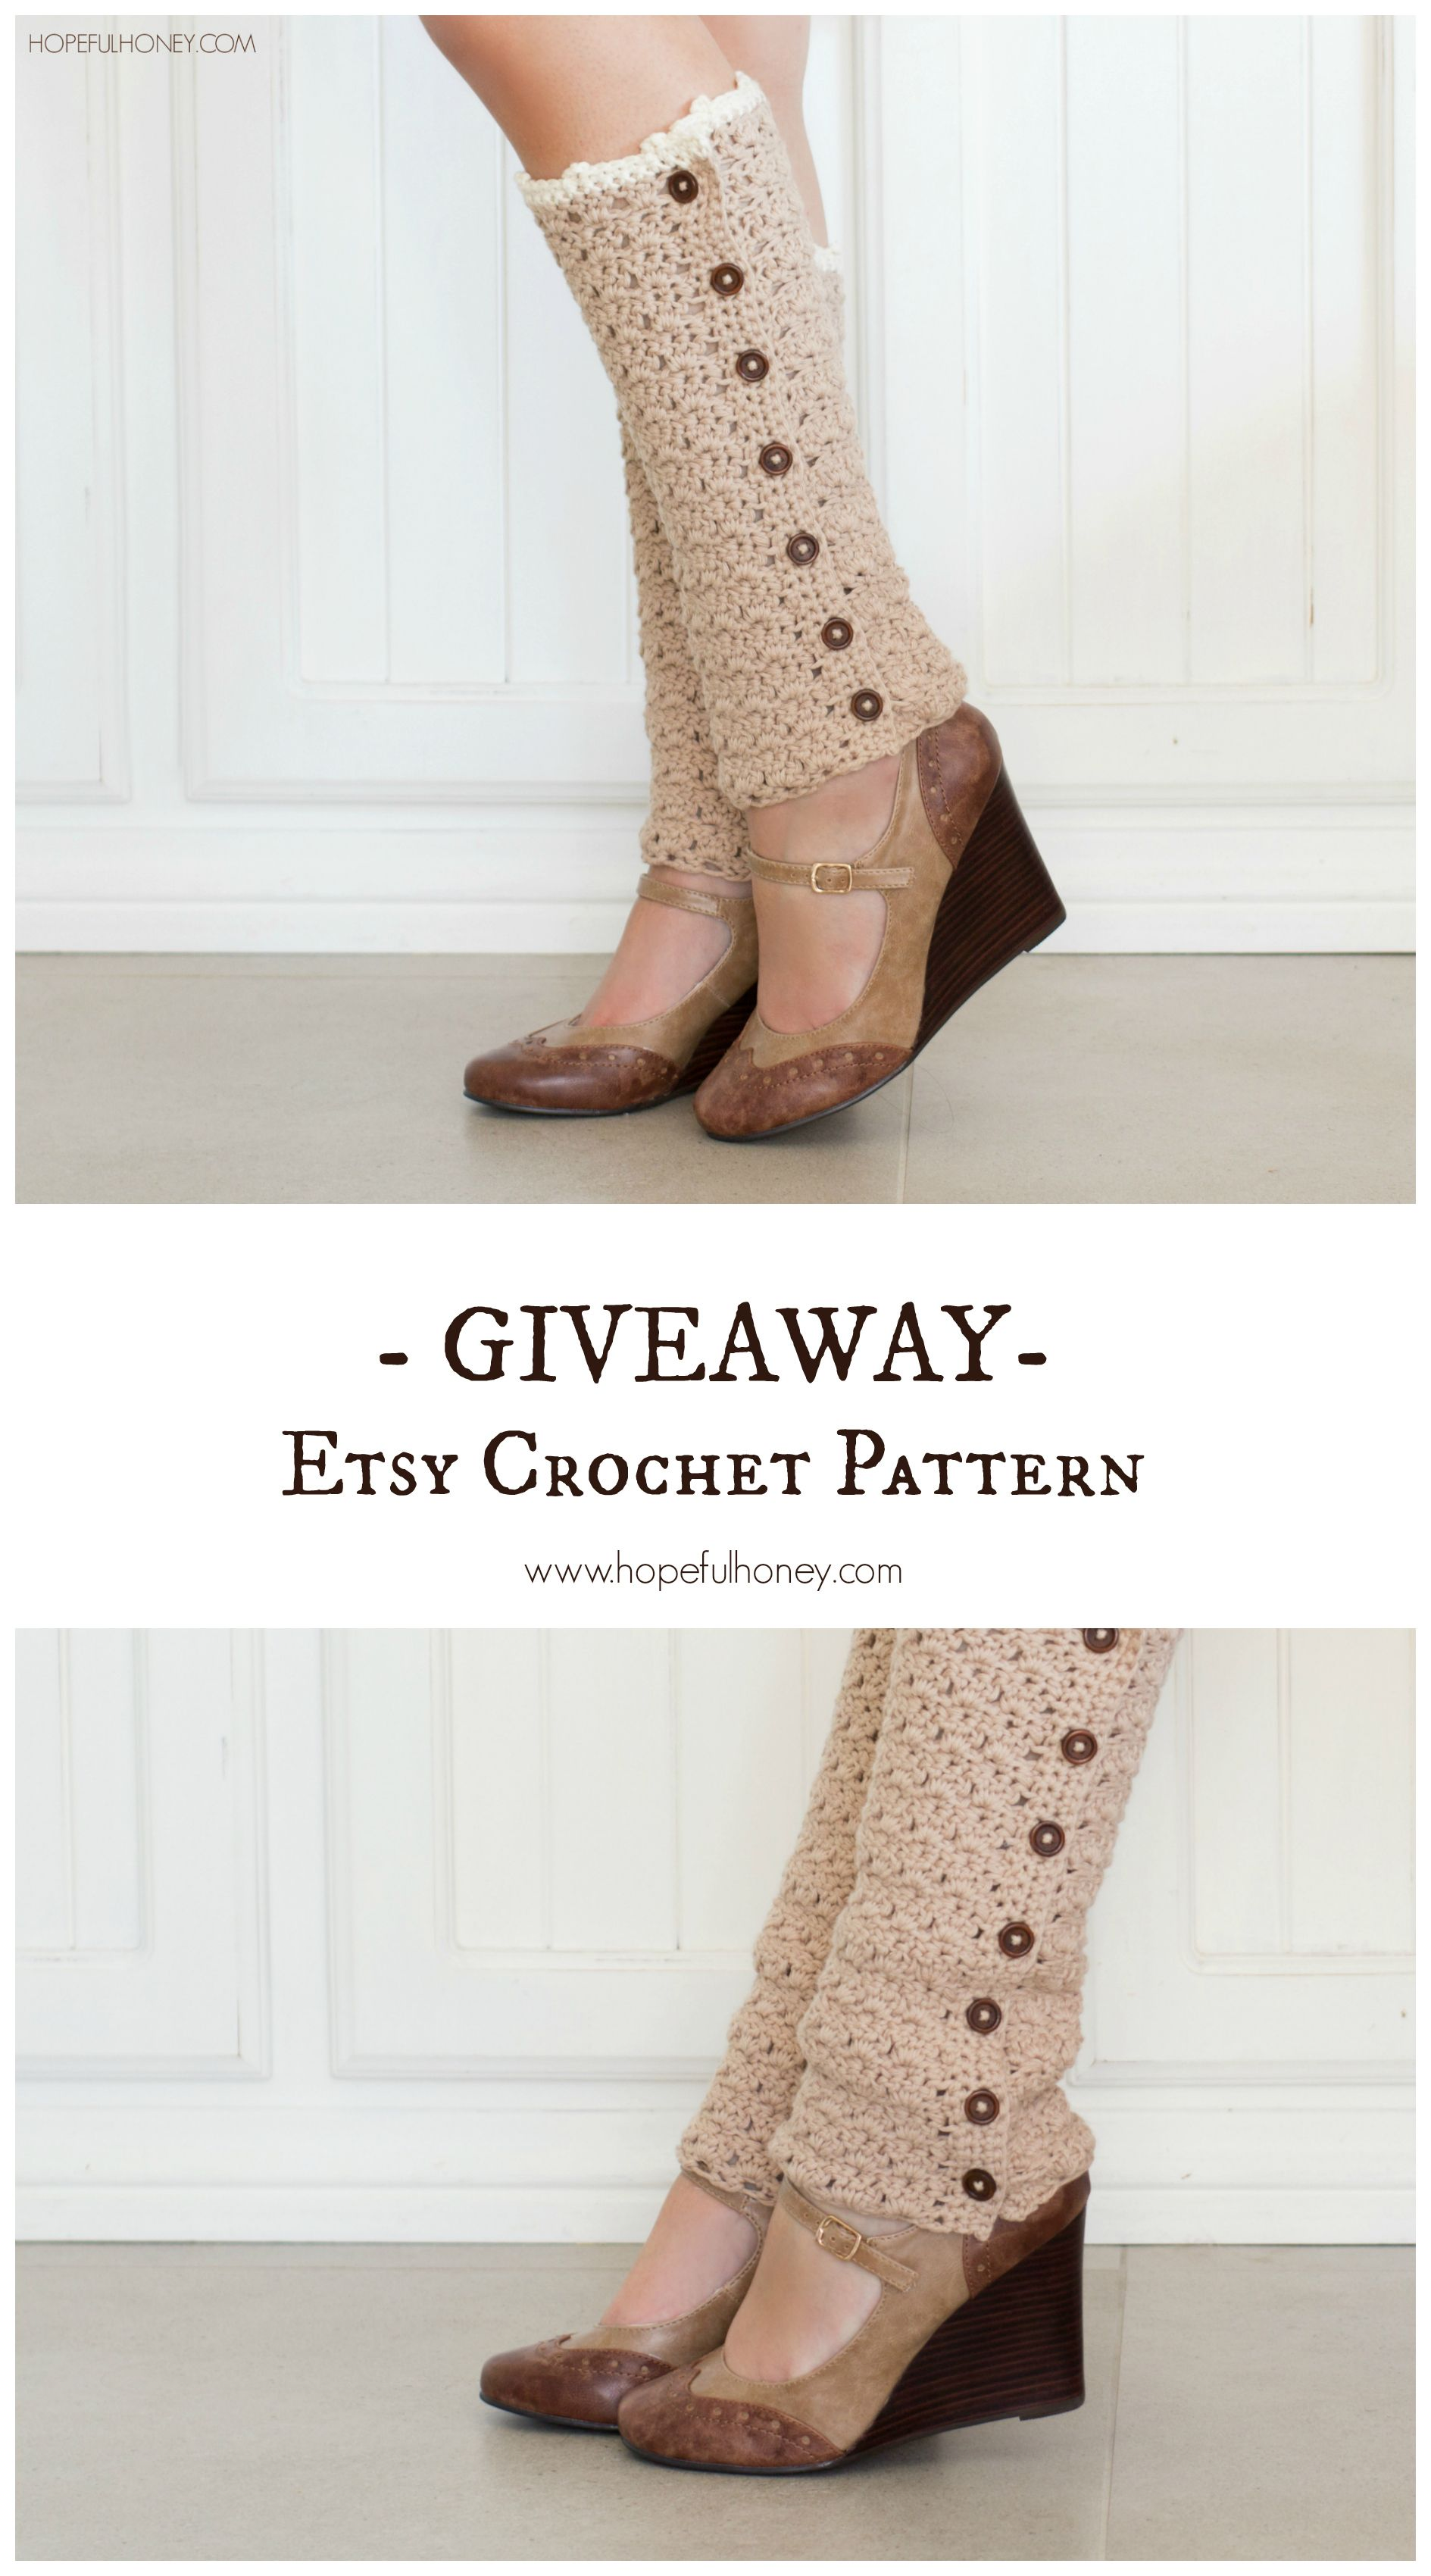 Vintage French Leg Warmers - Crochet Pattern + Giveaway | Telar, En ...